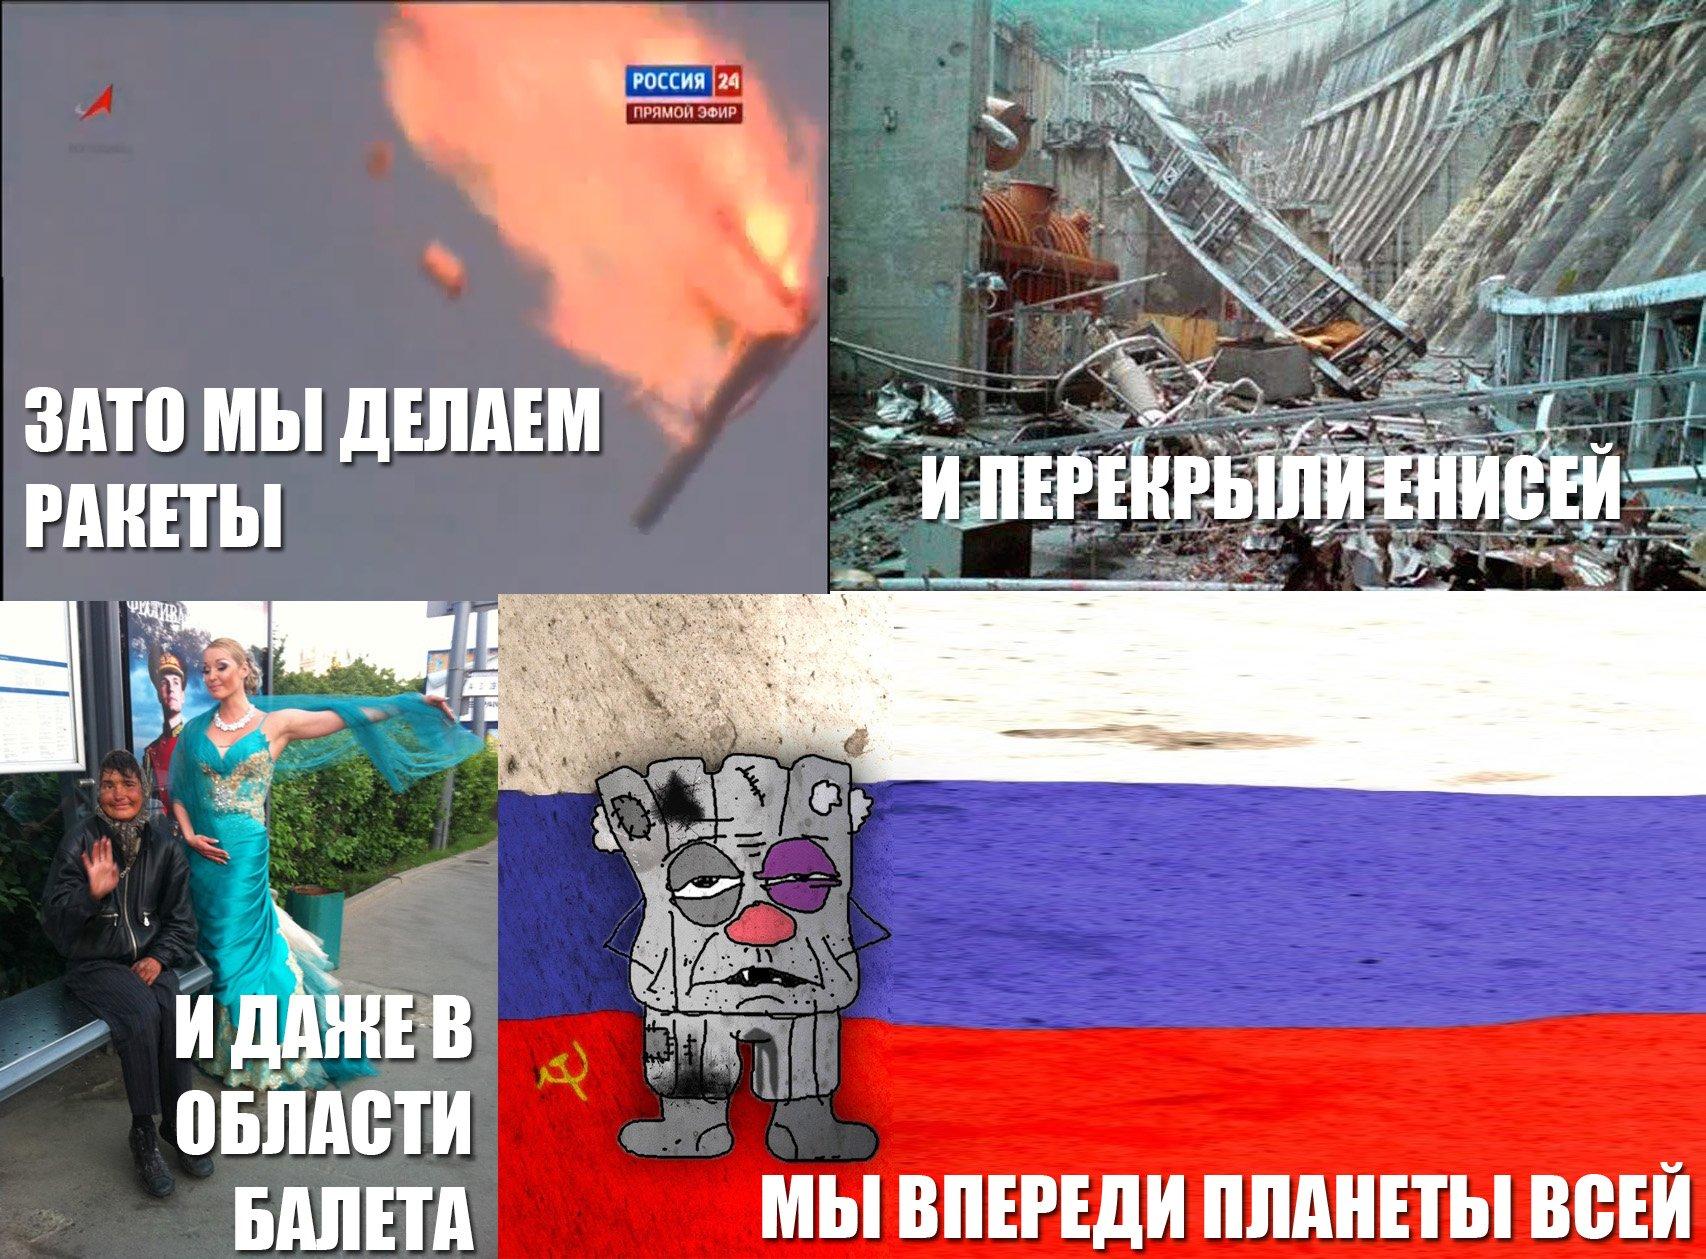 Оккупанты занялись переделом собственности в Крыму - Цензор.НЕТ 6108